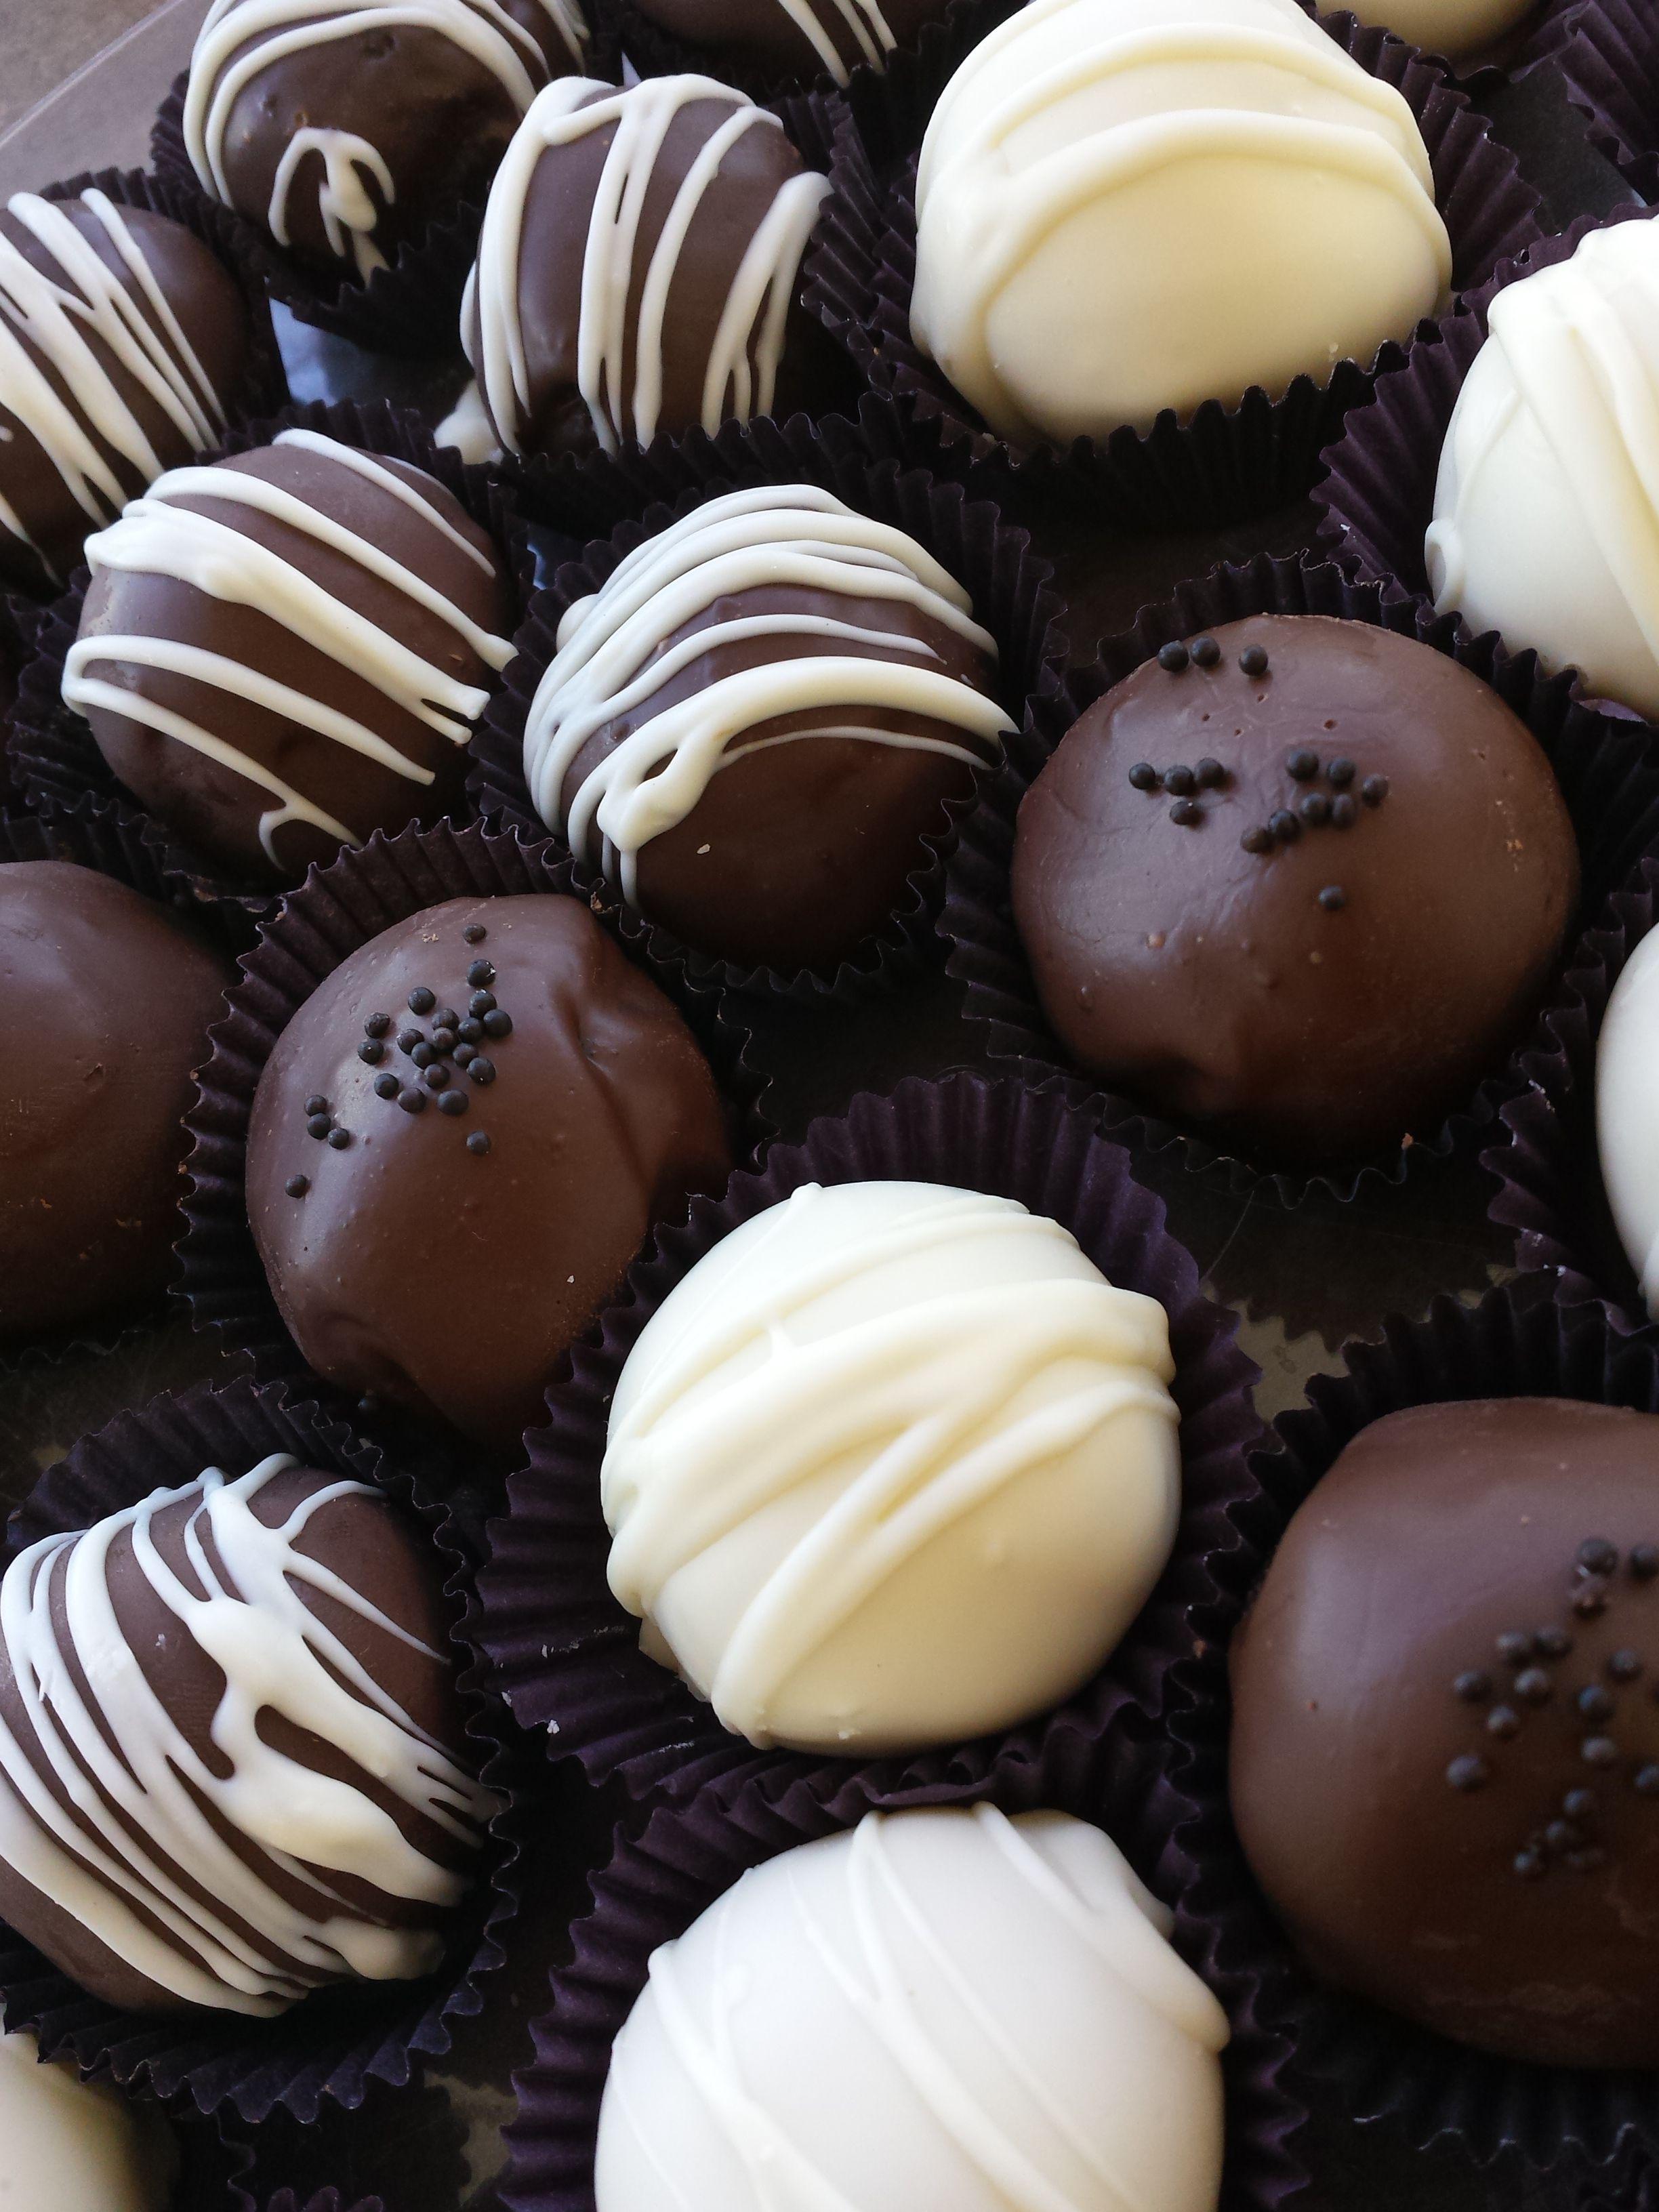 Os Cakeballs são deliciosos doces de massa de bolo recheada cobertas com chocolate